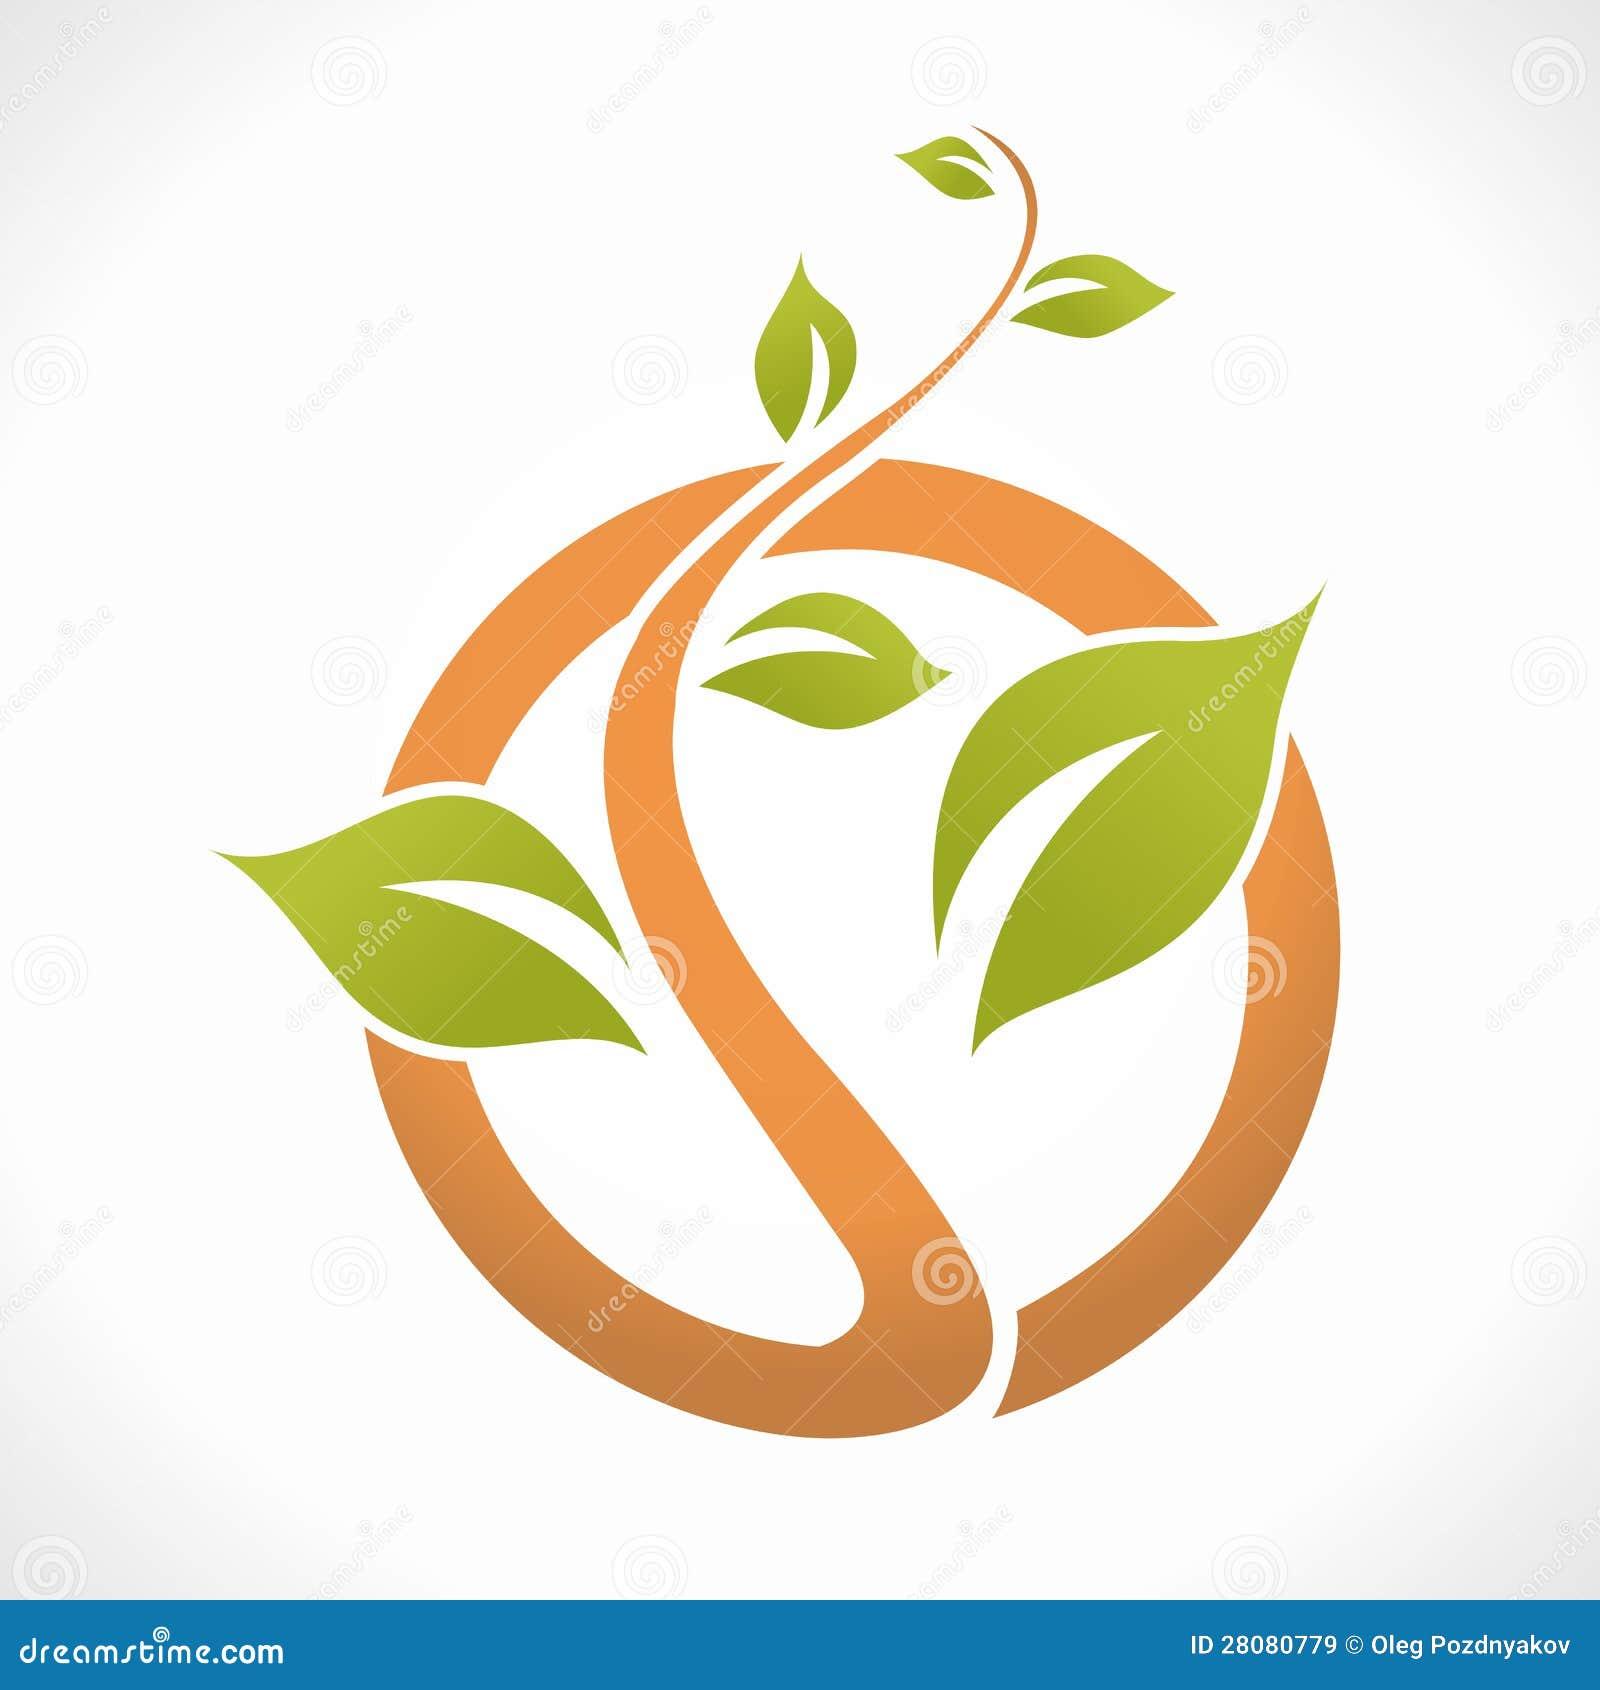 logo nature gratuit